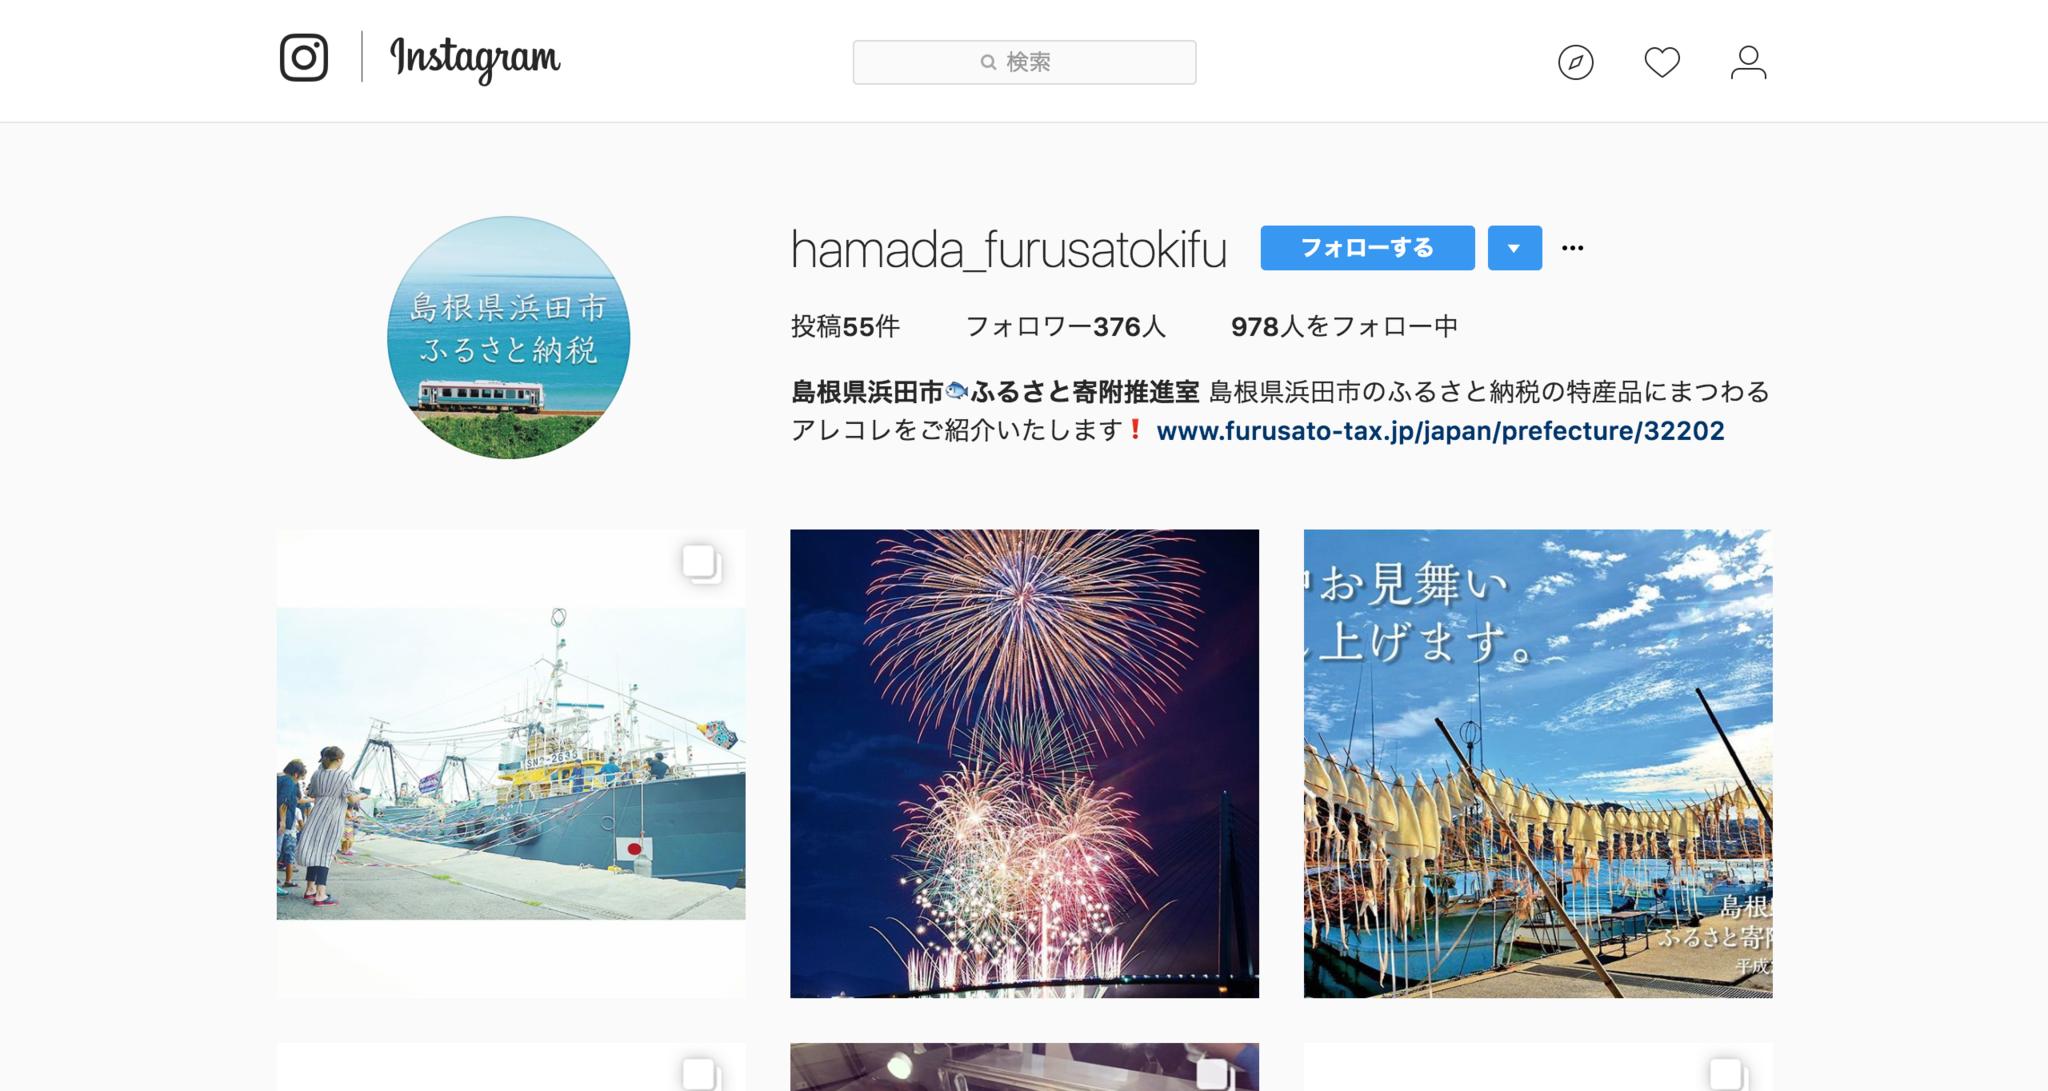 島根県浜田市?ふるさと寄附推進室さん__hamada_furusatokifu__•_Instagram写真と動画.png